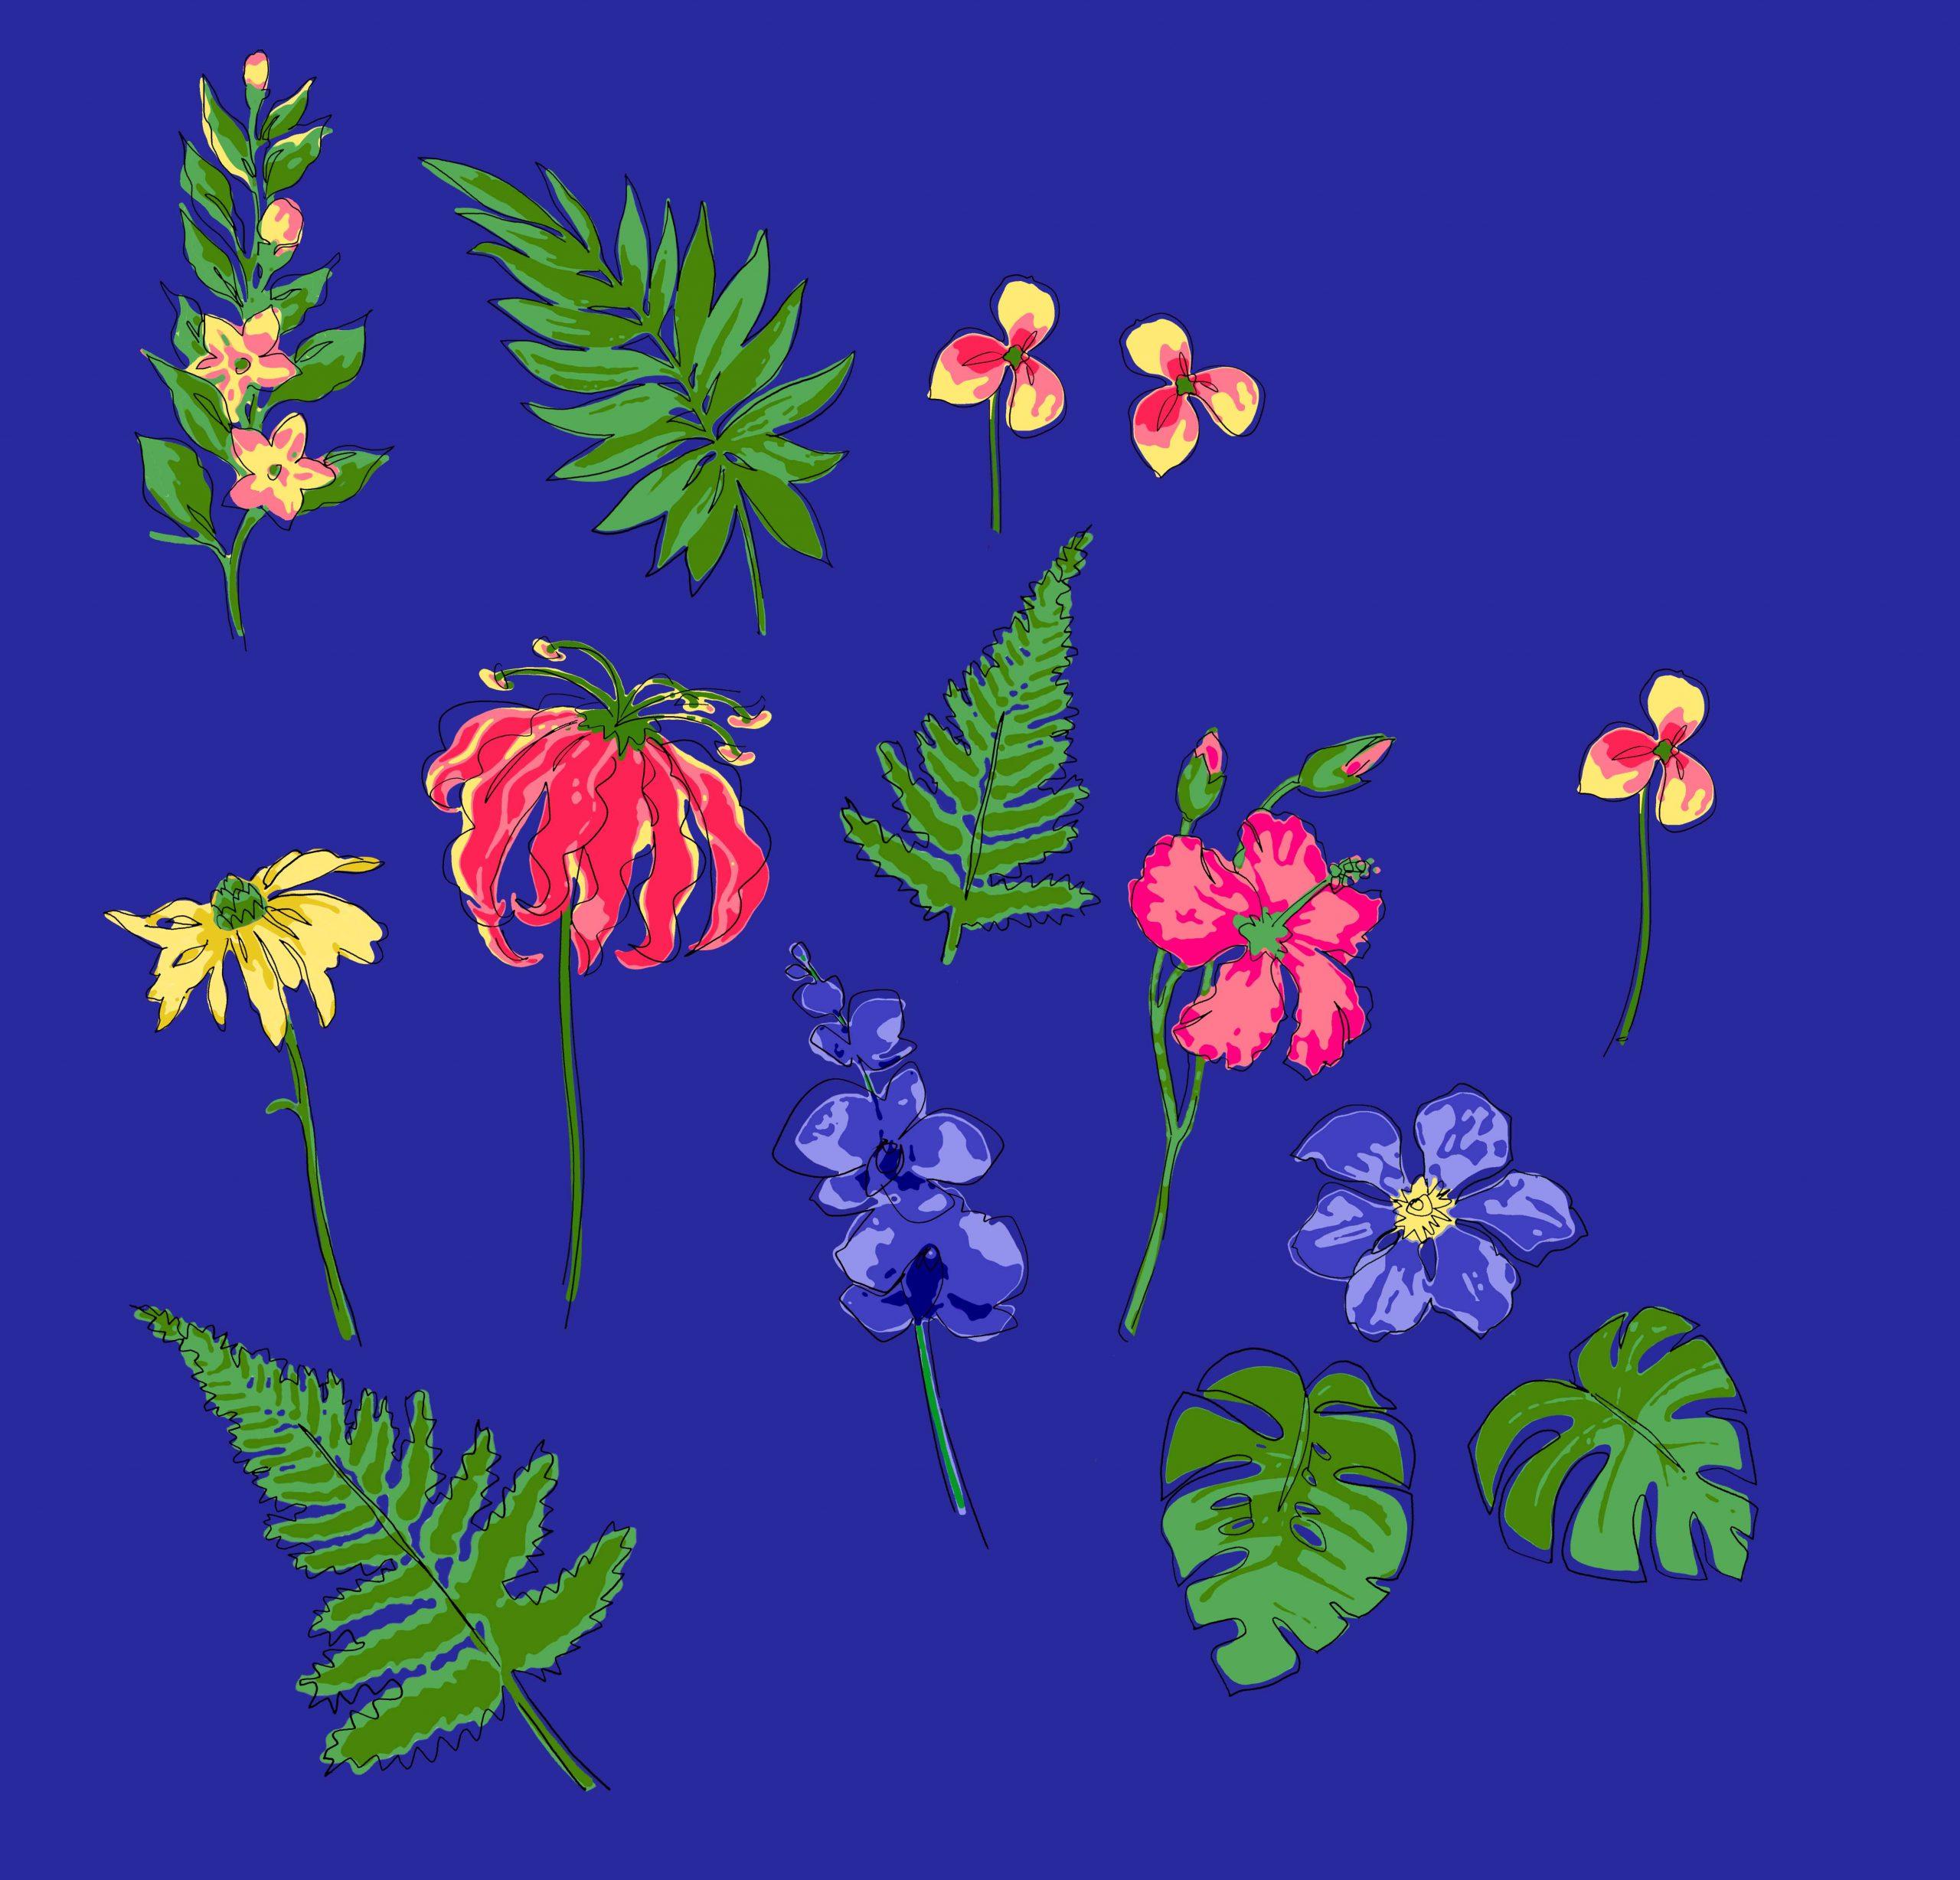 drawn flower artwork